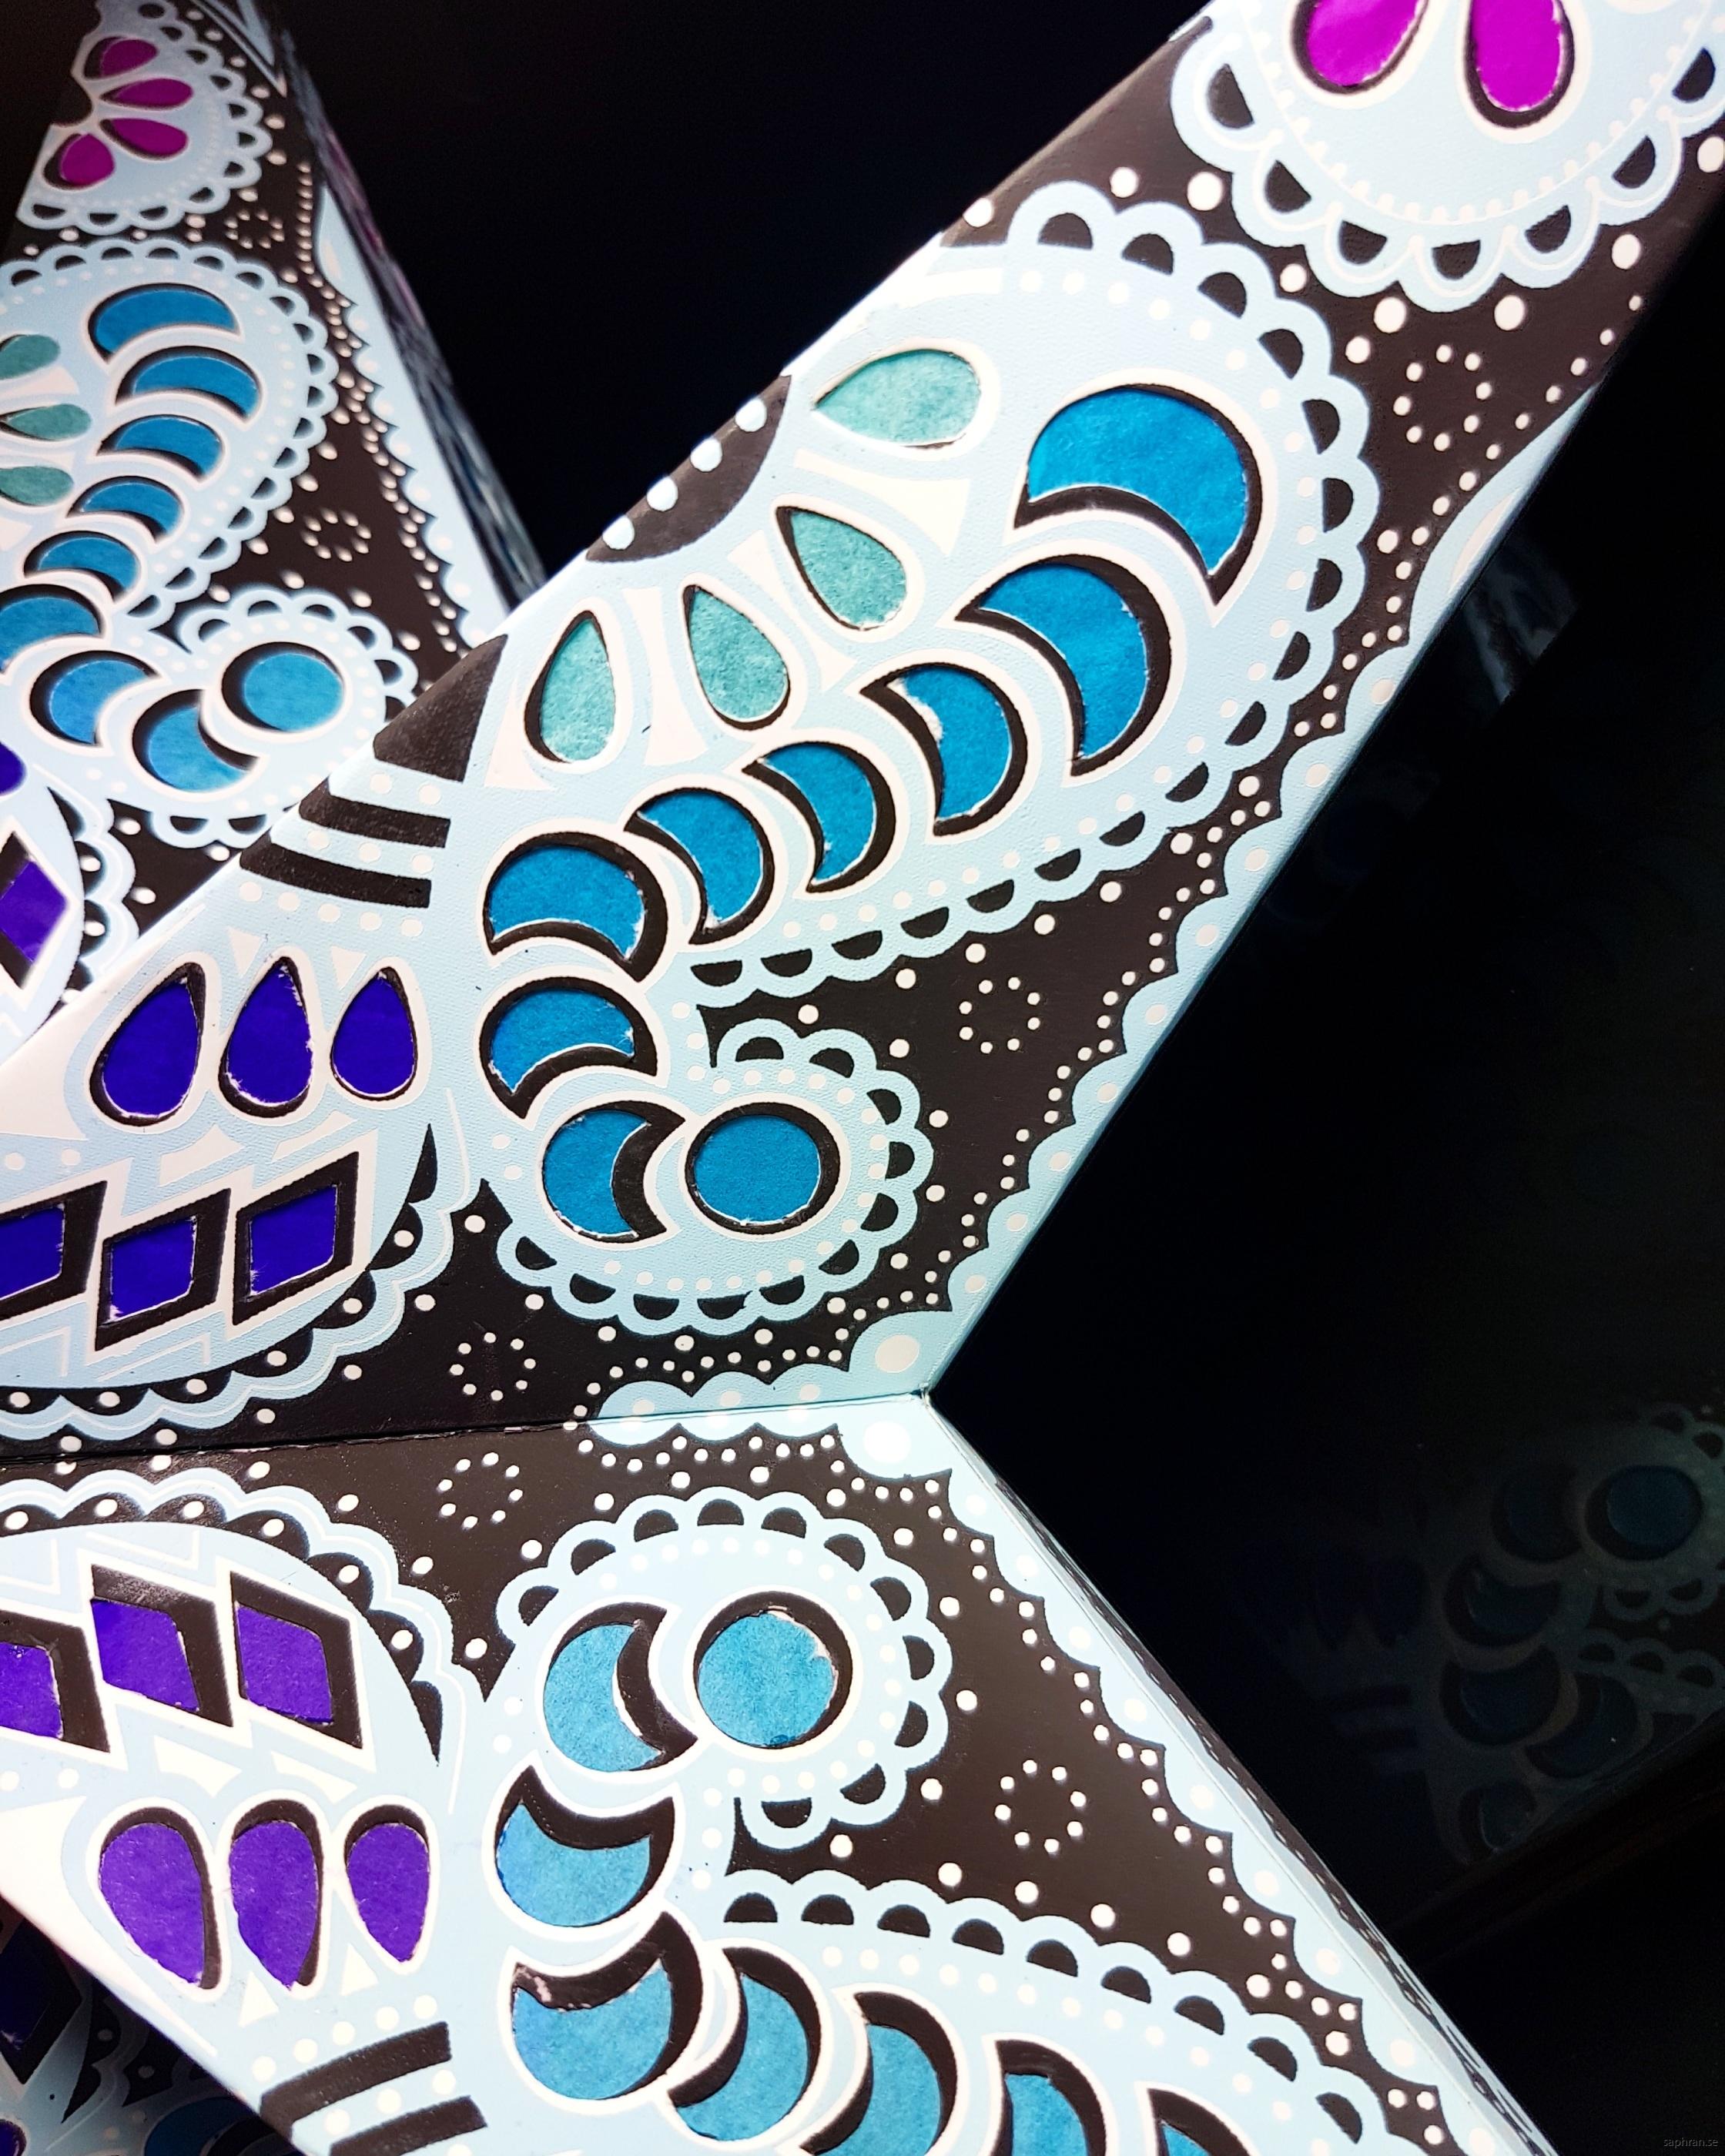 Orientalisk mönstrad julstjärna/adventsstjärna i papper. Tillverkad i Indien.